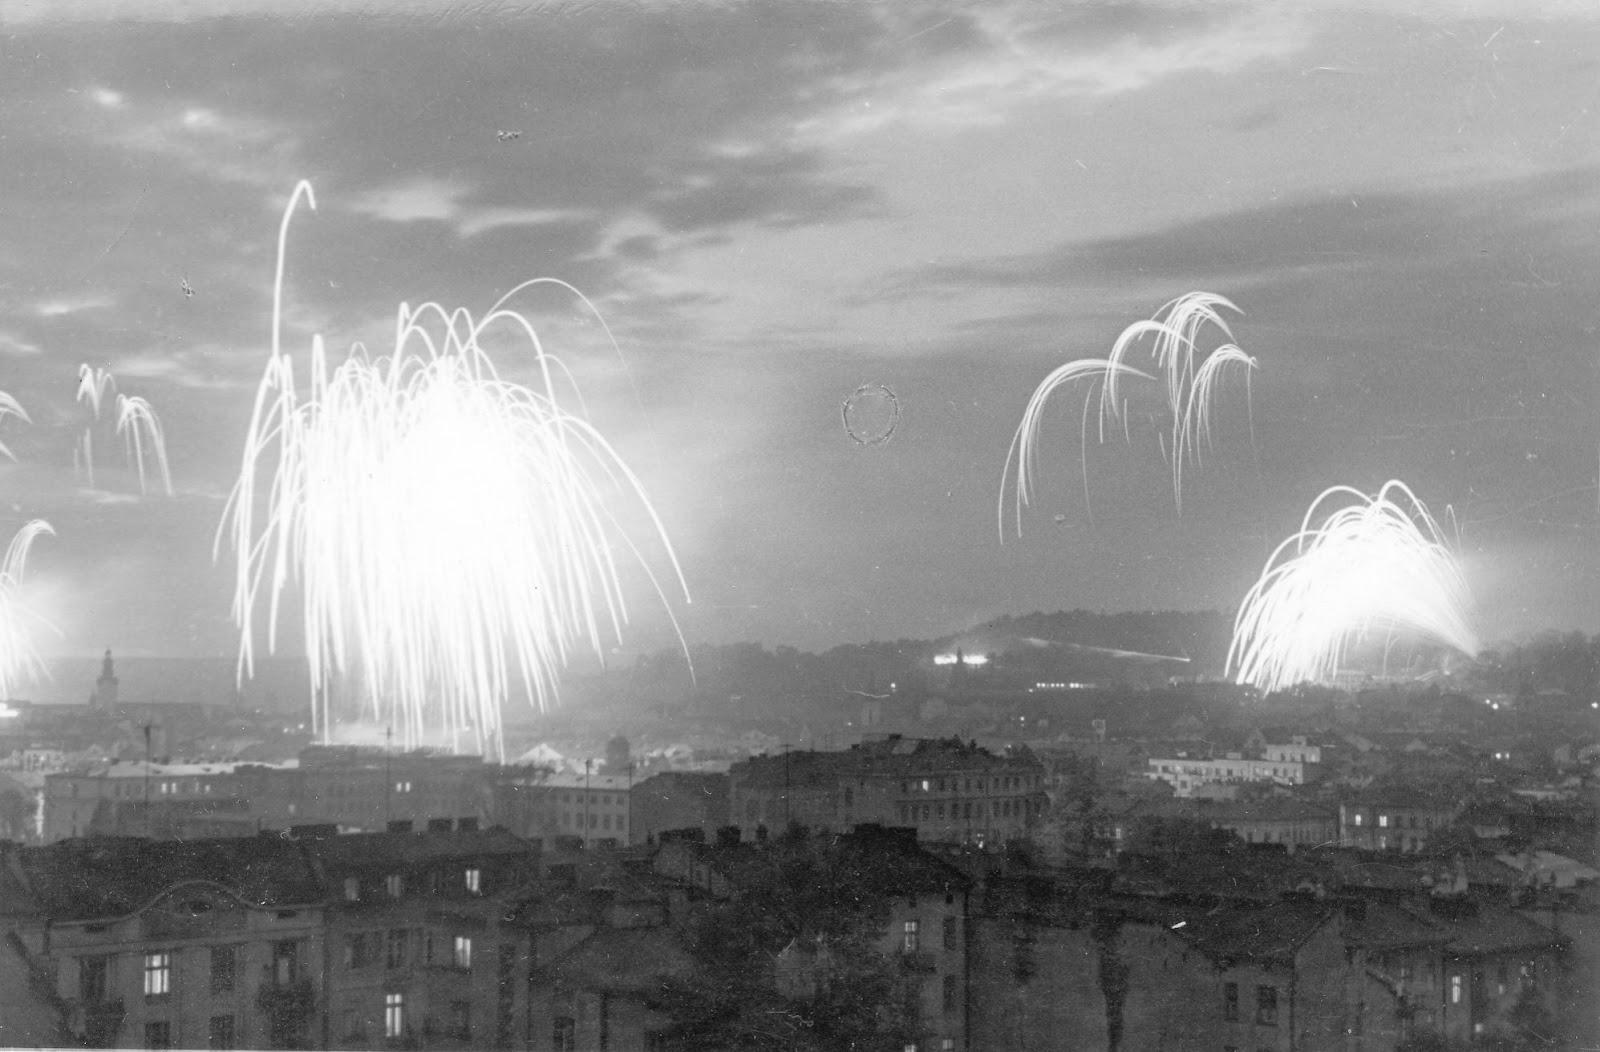 При острой нехватке продуктов в послевоенном Львове власти не жалели денег на организацию советских праздников. На фото — салют в честь Дня победы, 1950‑е годы / DR